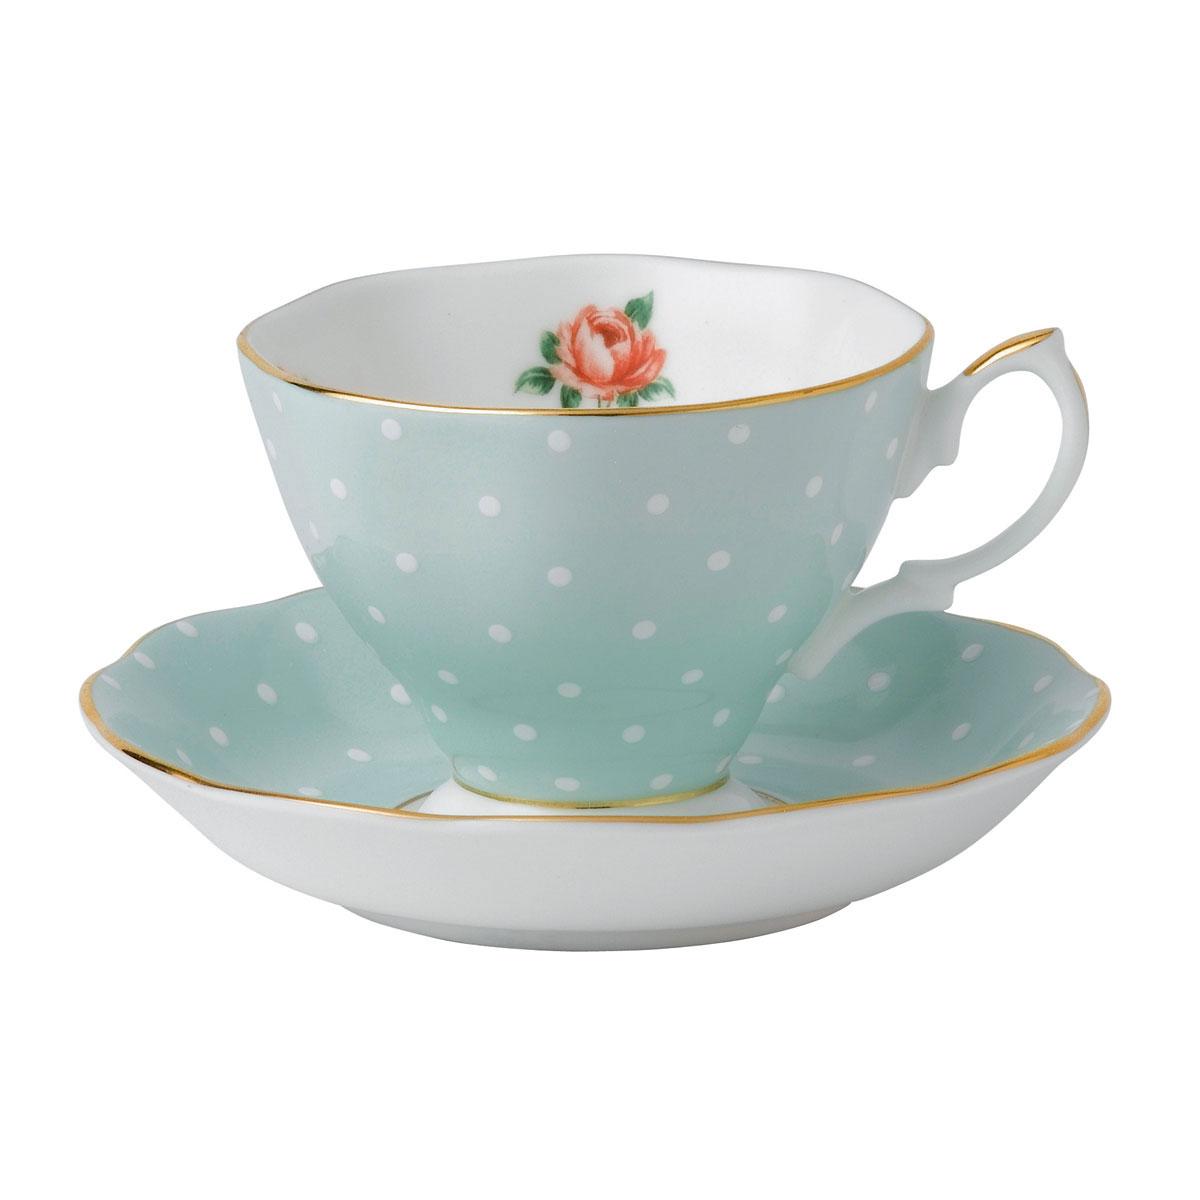 Royal Albert Polka Rose Teacup and Saucer Set